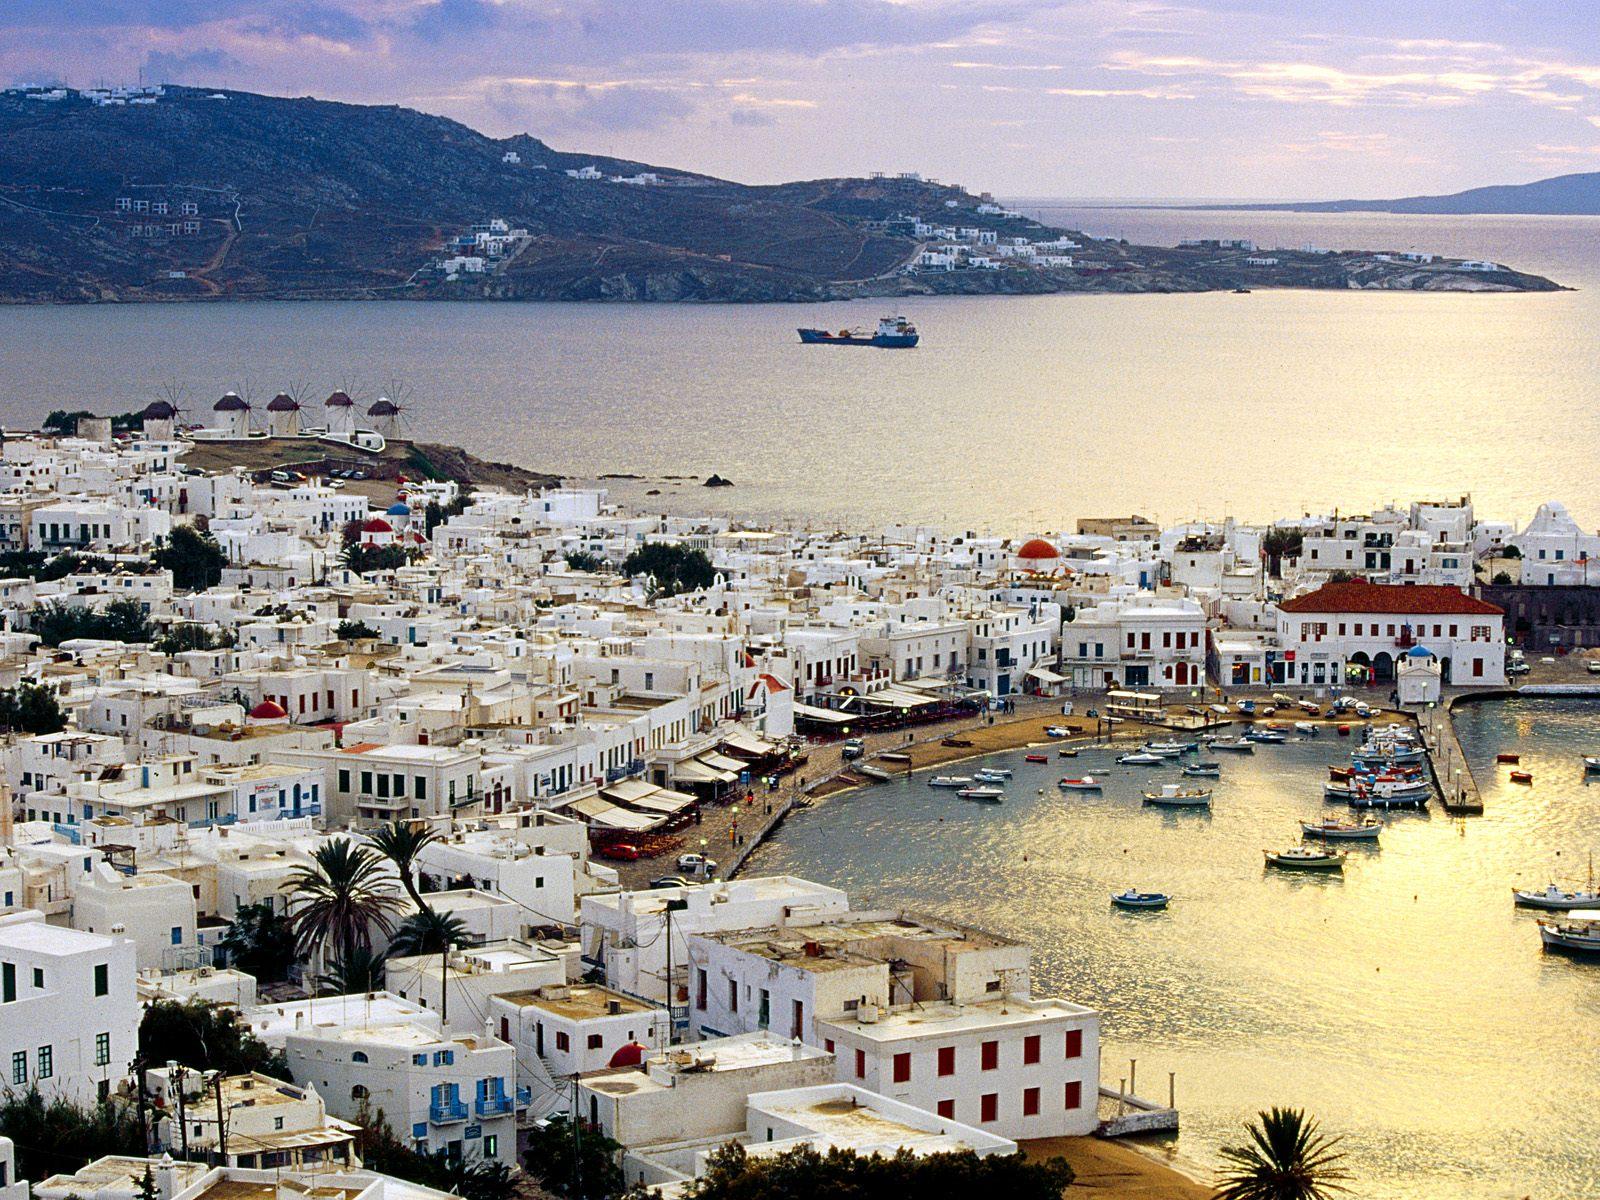 http://3.bp.blogspot.com/-7J1l7FY5ol4/UA6s16evyDI/AAAAAAAAA_s/jDdLKbs1BzM/s1600/Mykonos_Greece.jpg